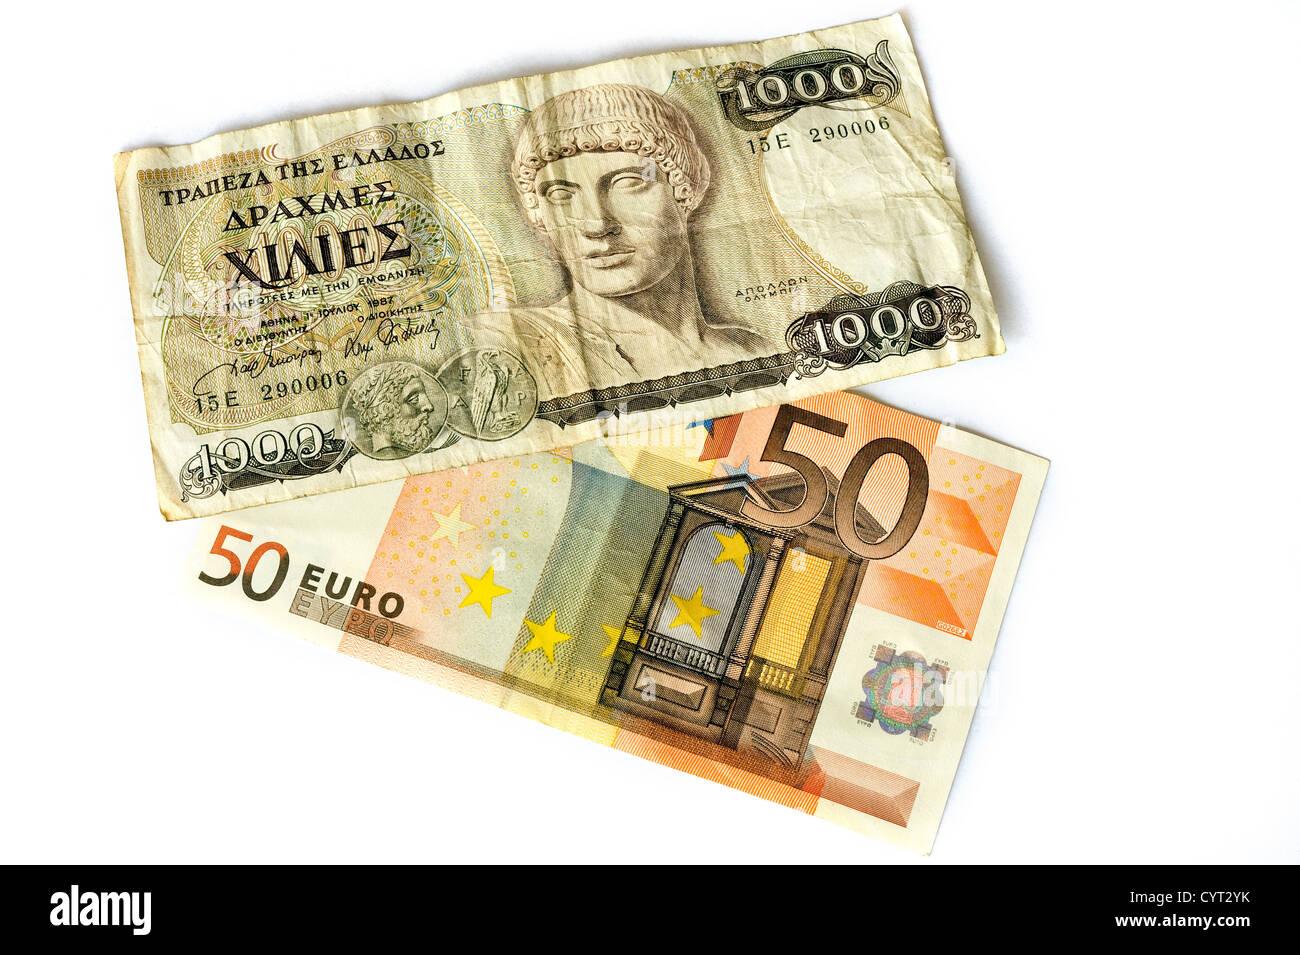 1000 Drachmen bill de Grecia, y una factura de 50 euros. Foto de stock